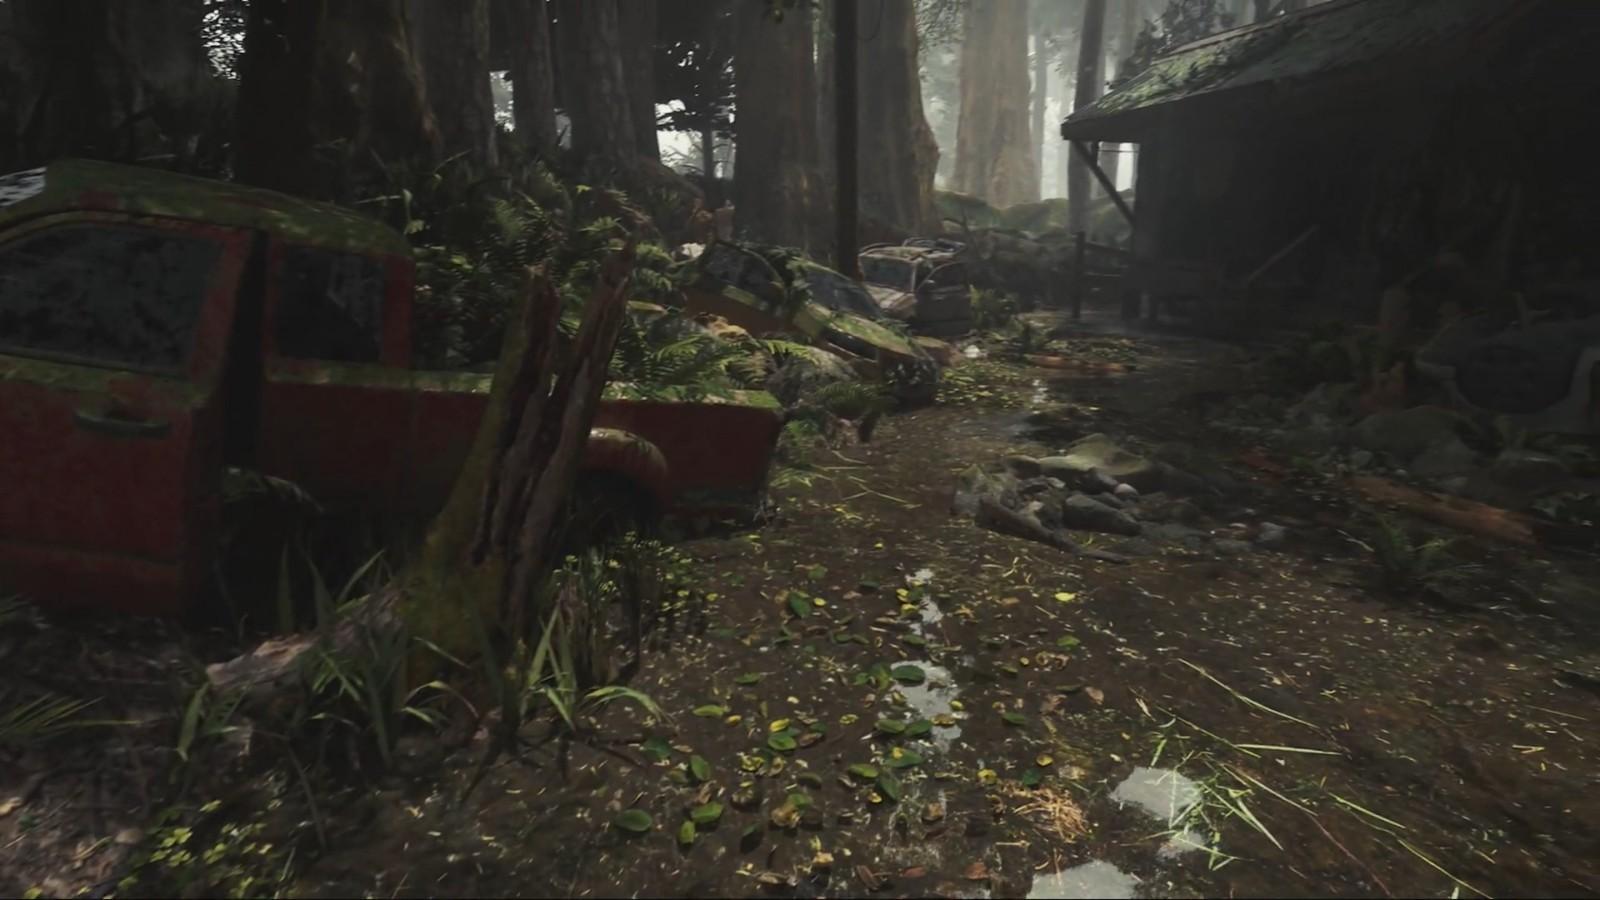 玩家用虚幻5自制《最后的生还者2》场景展示 画面很出彩